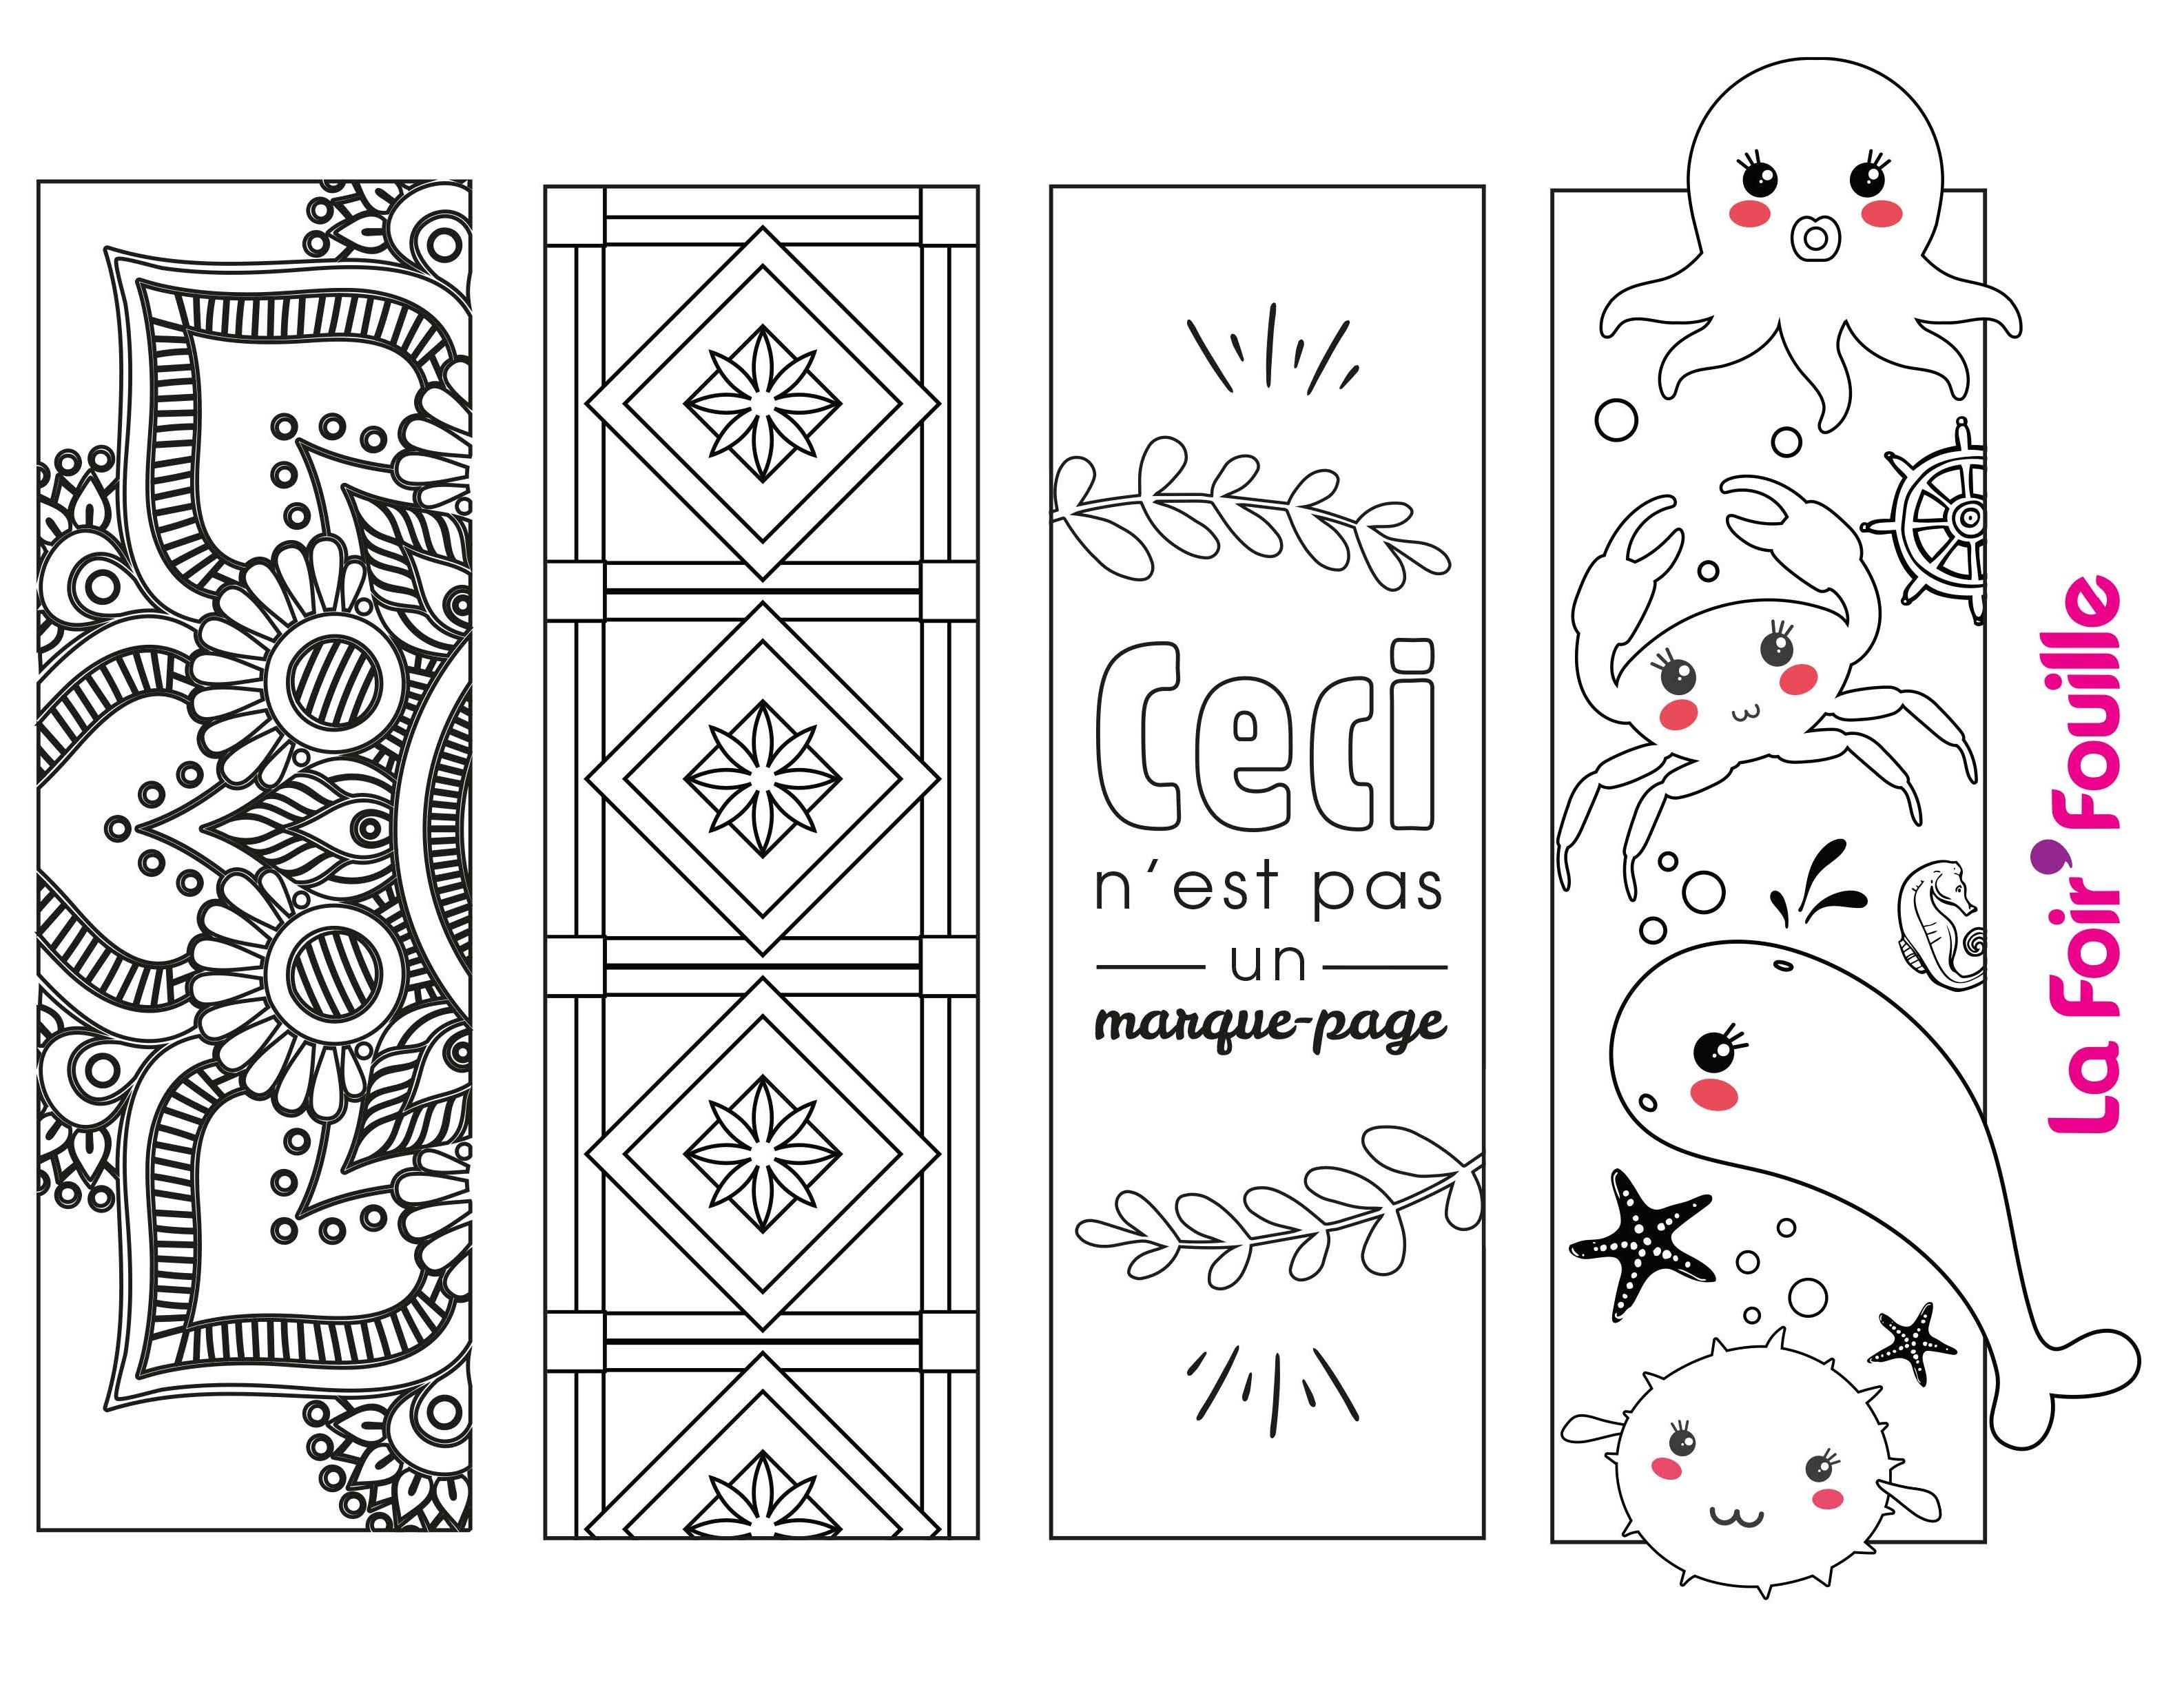 4 marque-pages à imprimer et à colorier - DIY - Blog La Foir'Fouille